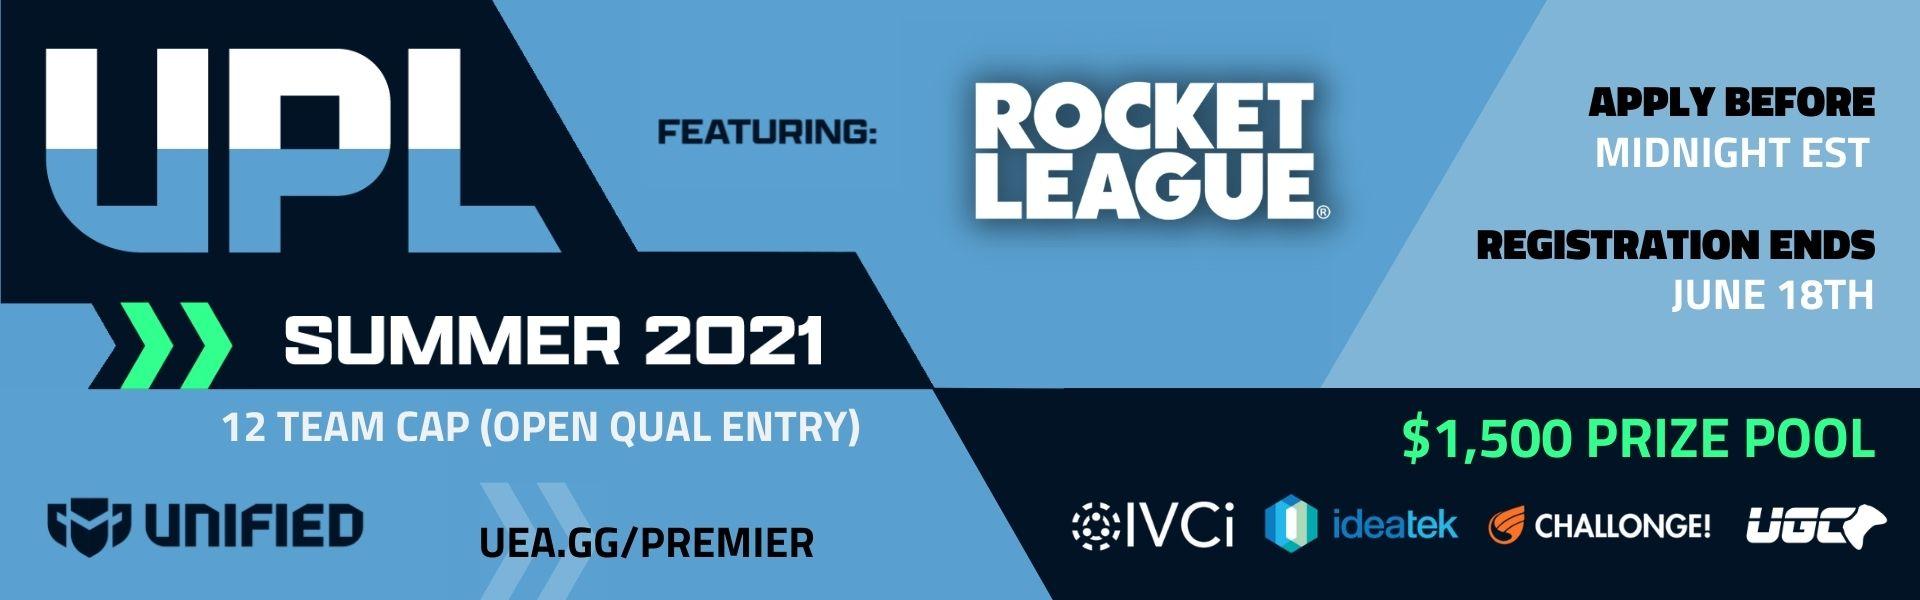 Upsurge Premier League - Rocket League - Summer 2021